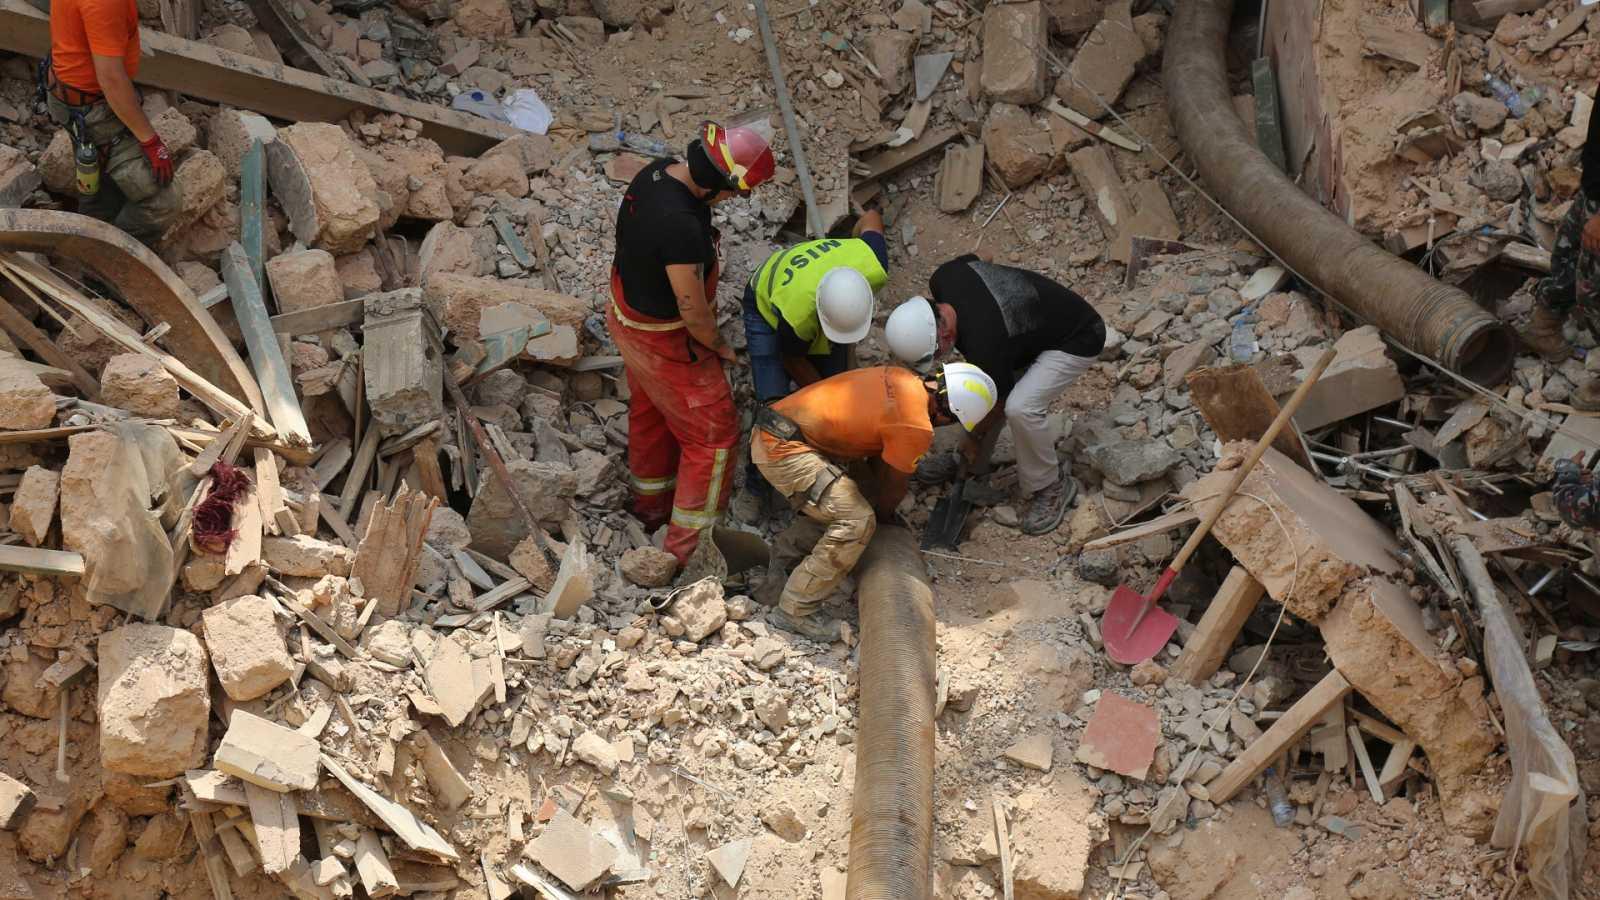 Continúan las labores de búsqueda en Beirut un mes después de la explosión